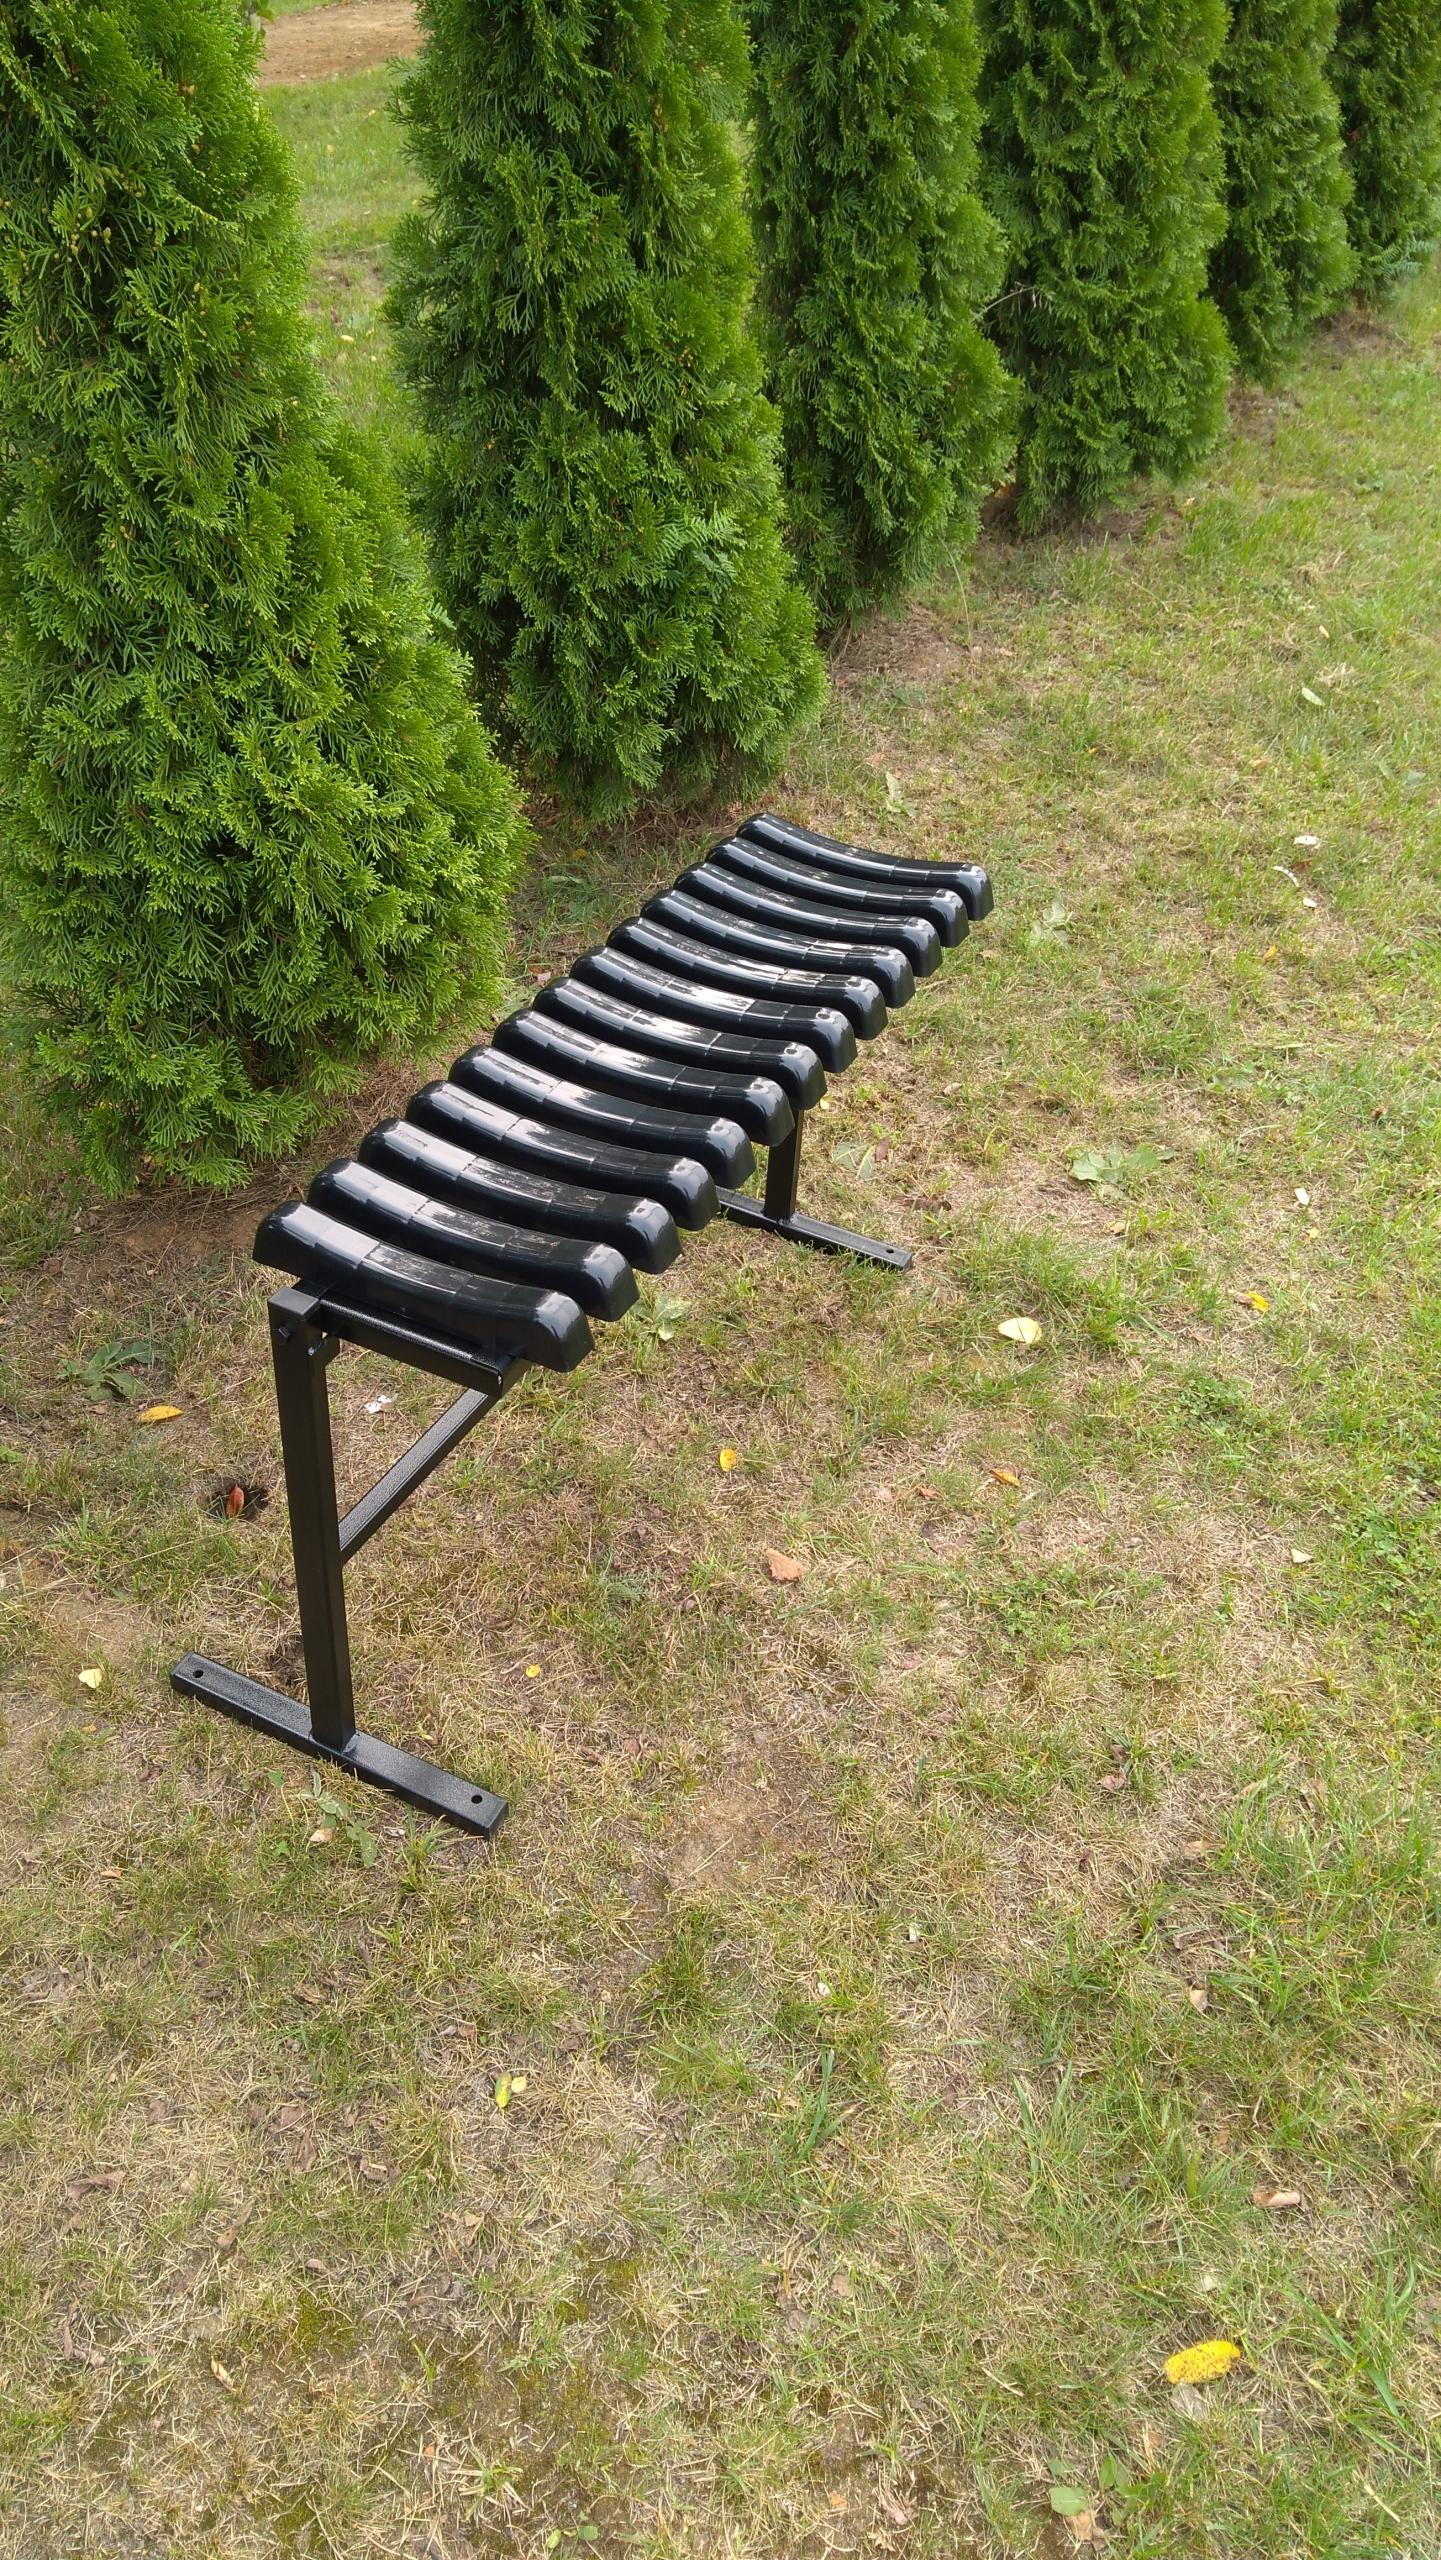 lavica na cintoríne odstawna priskrutkovaná SOLIDNA Iný výrobca